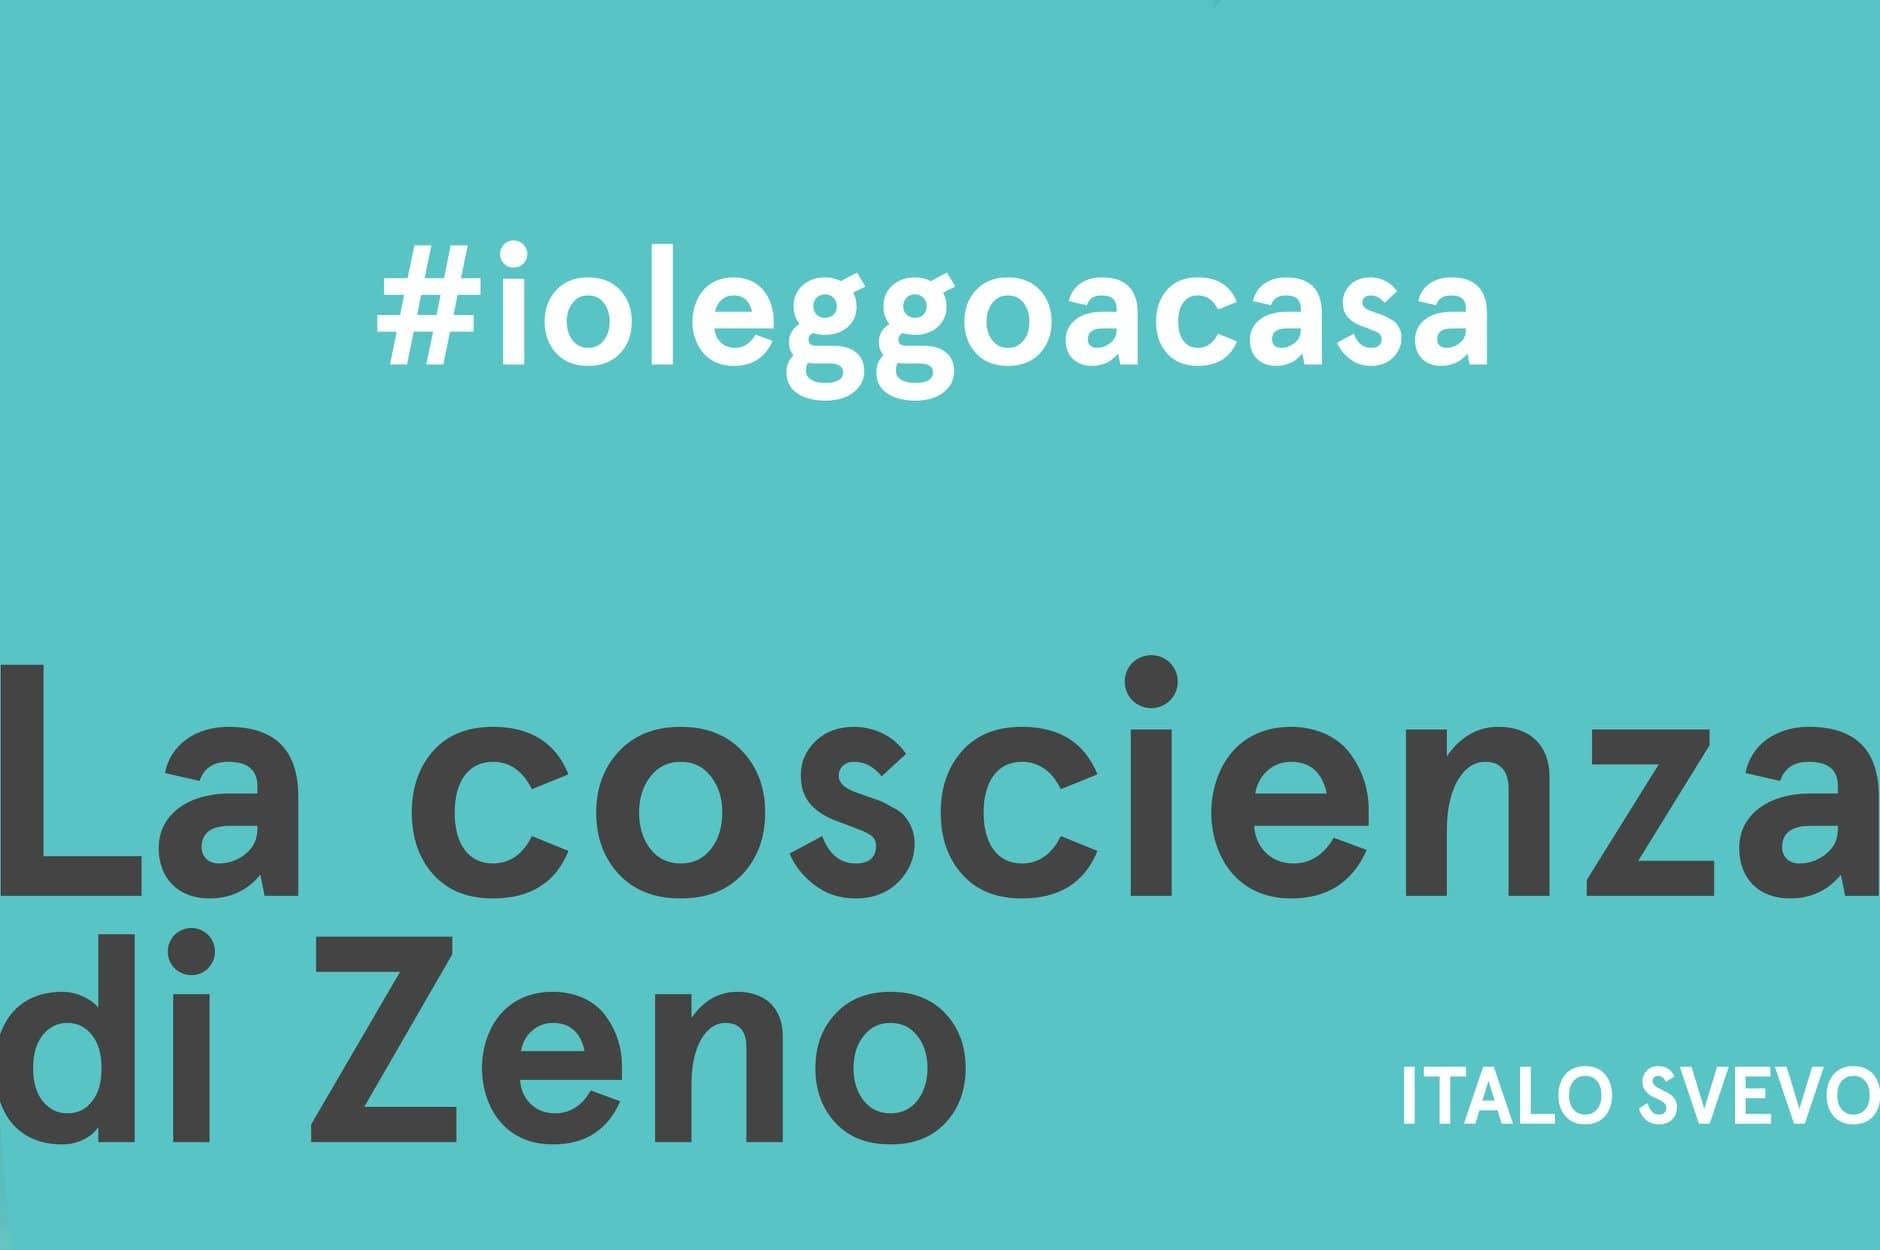 Io leggo a casa // Maratona in streaming La coscienza di Zeno